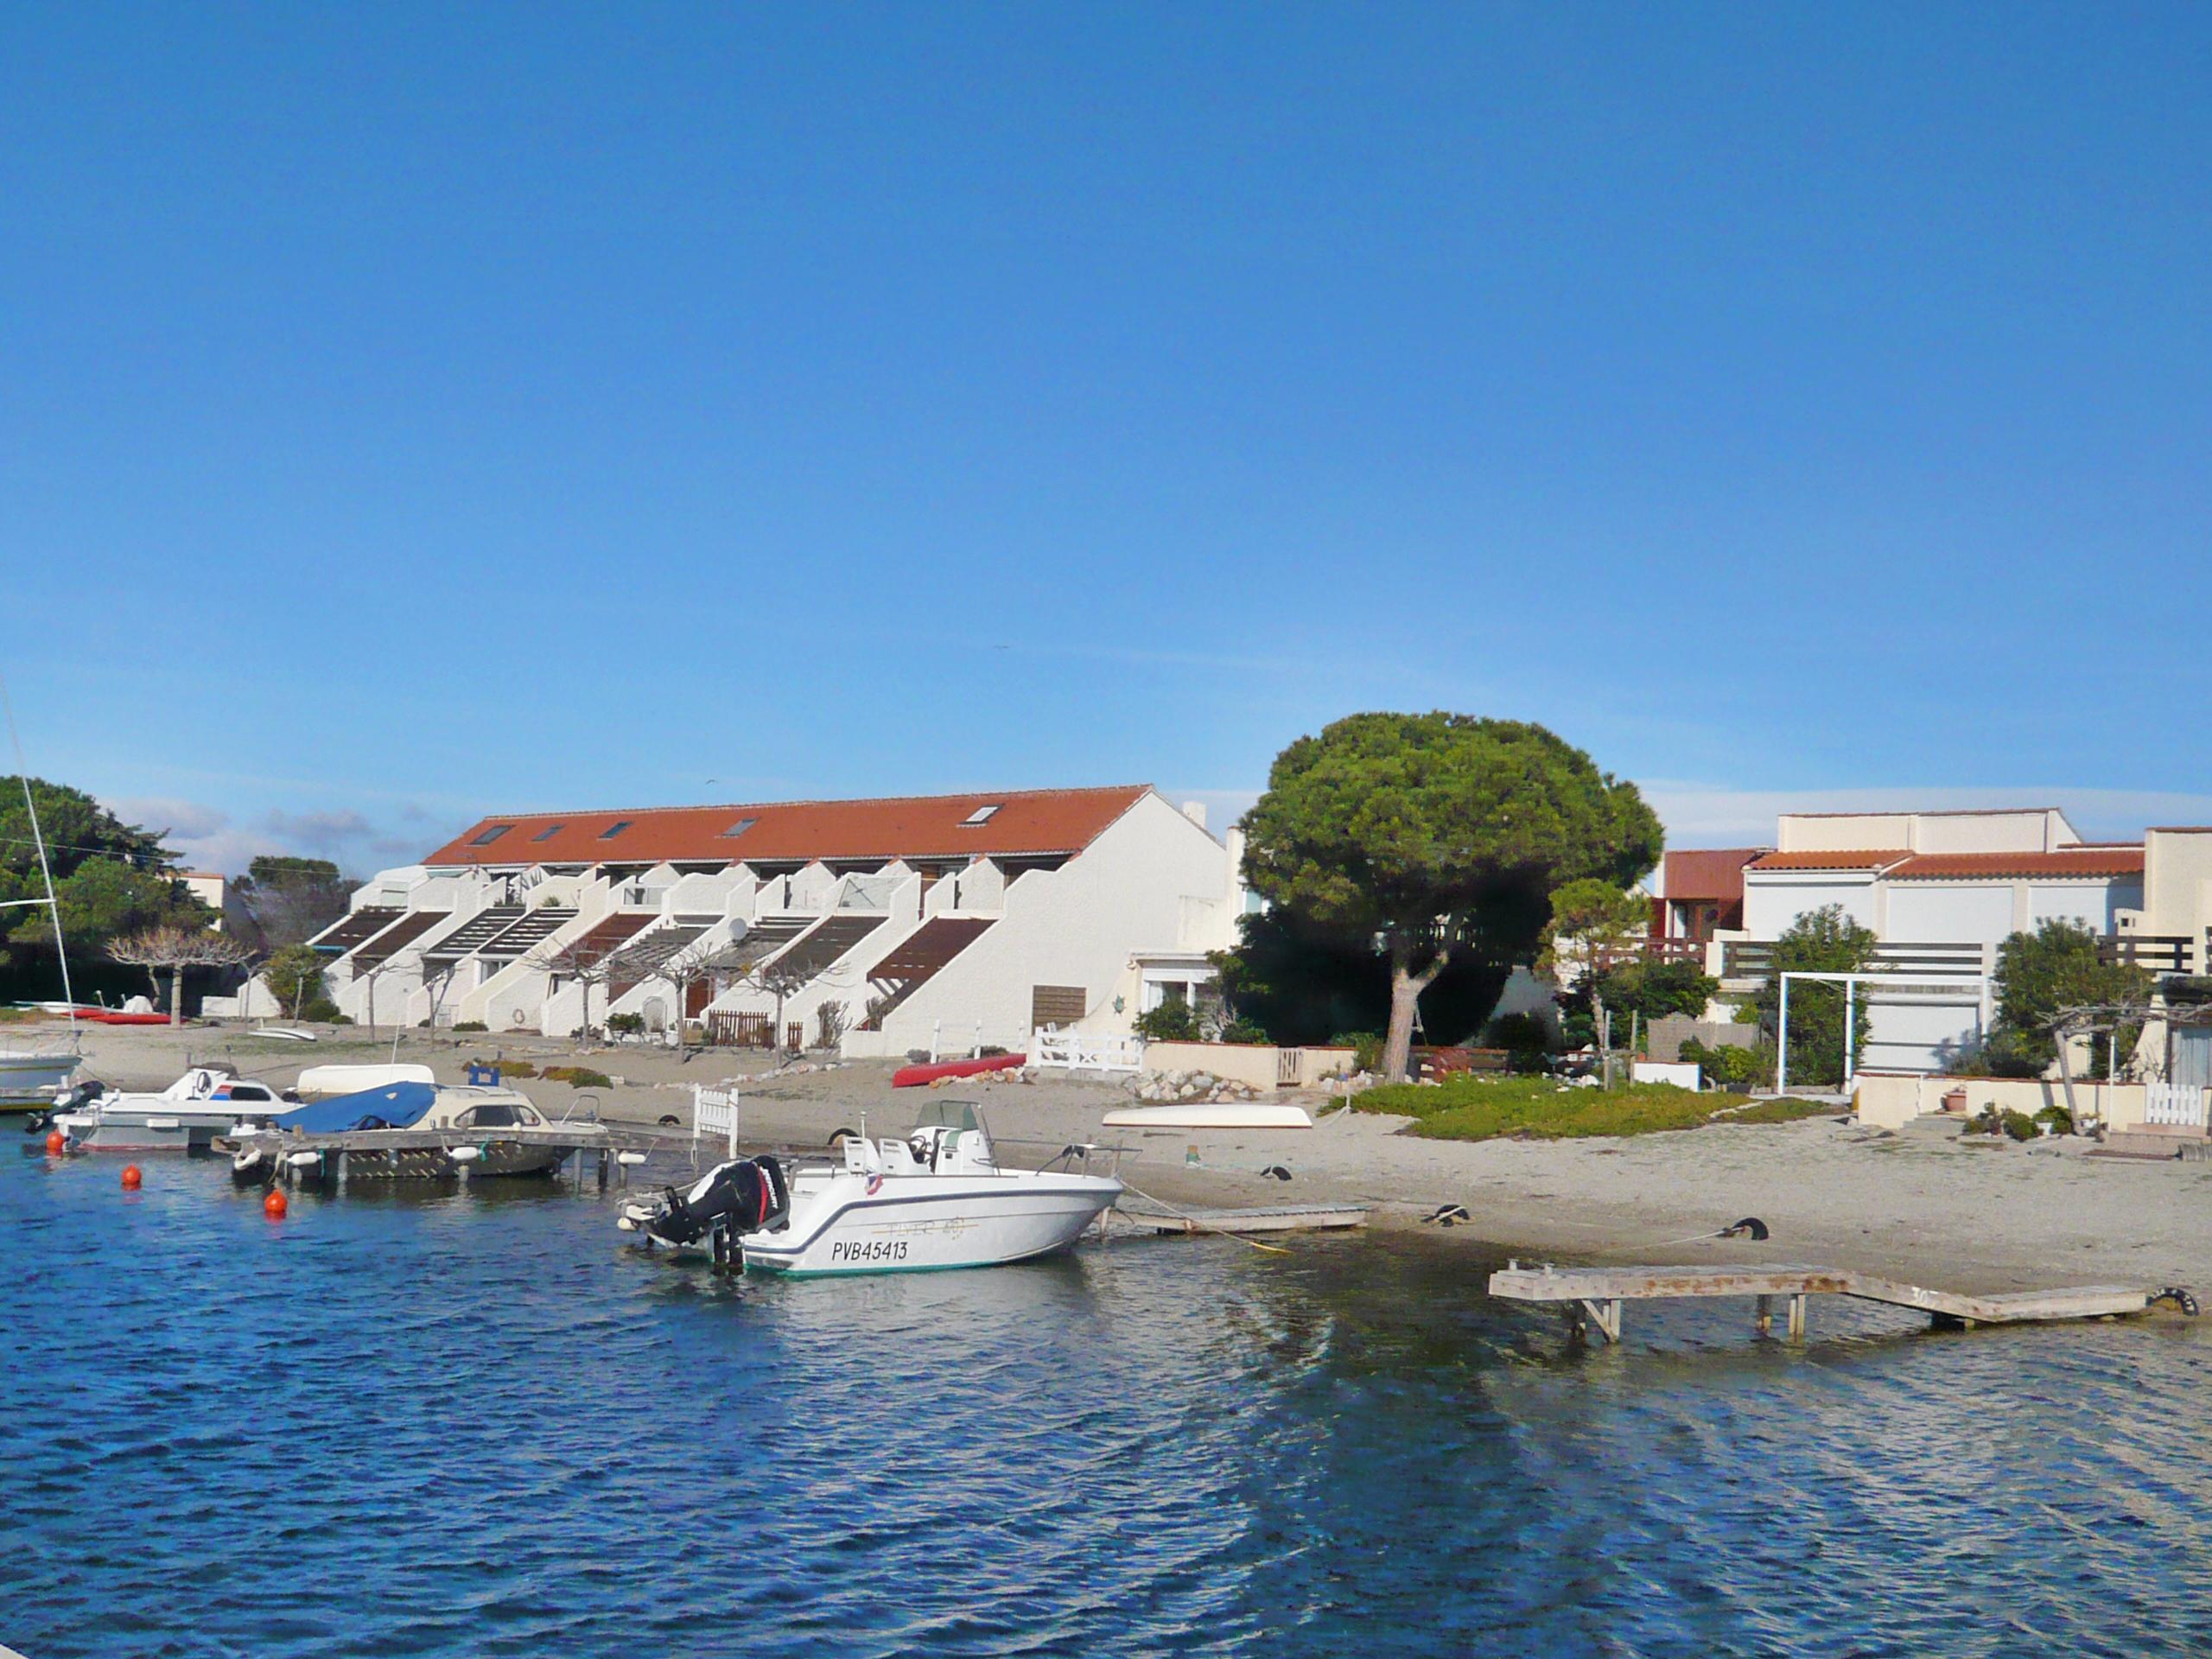 Port leucate france maison de vacances marina plage for Piscine marinal